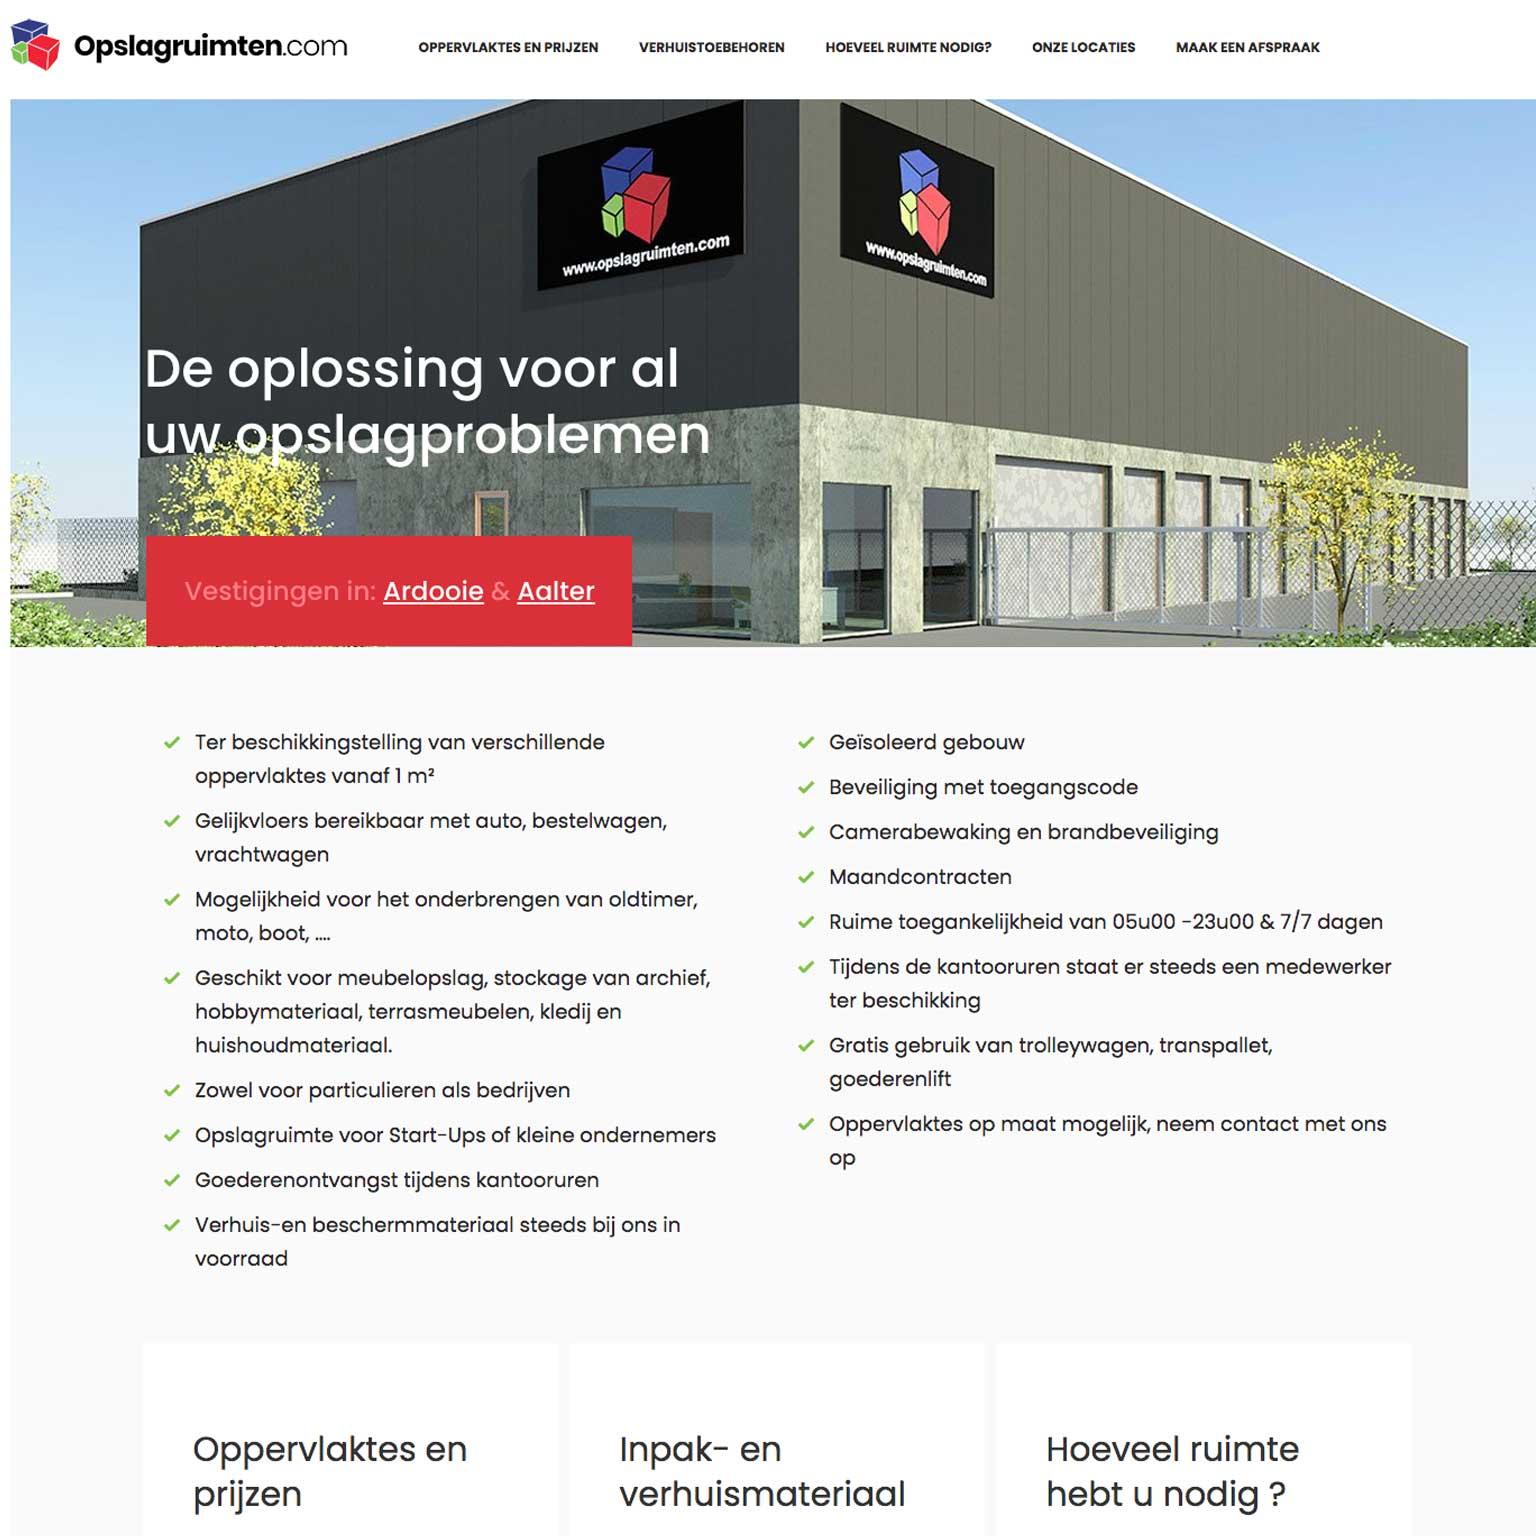 1536x1536-case-study-opslagruimten-home-page